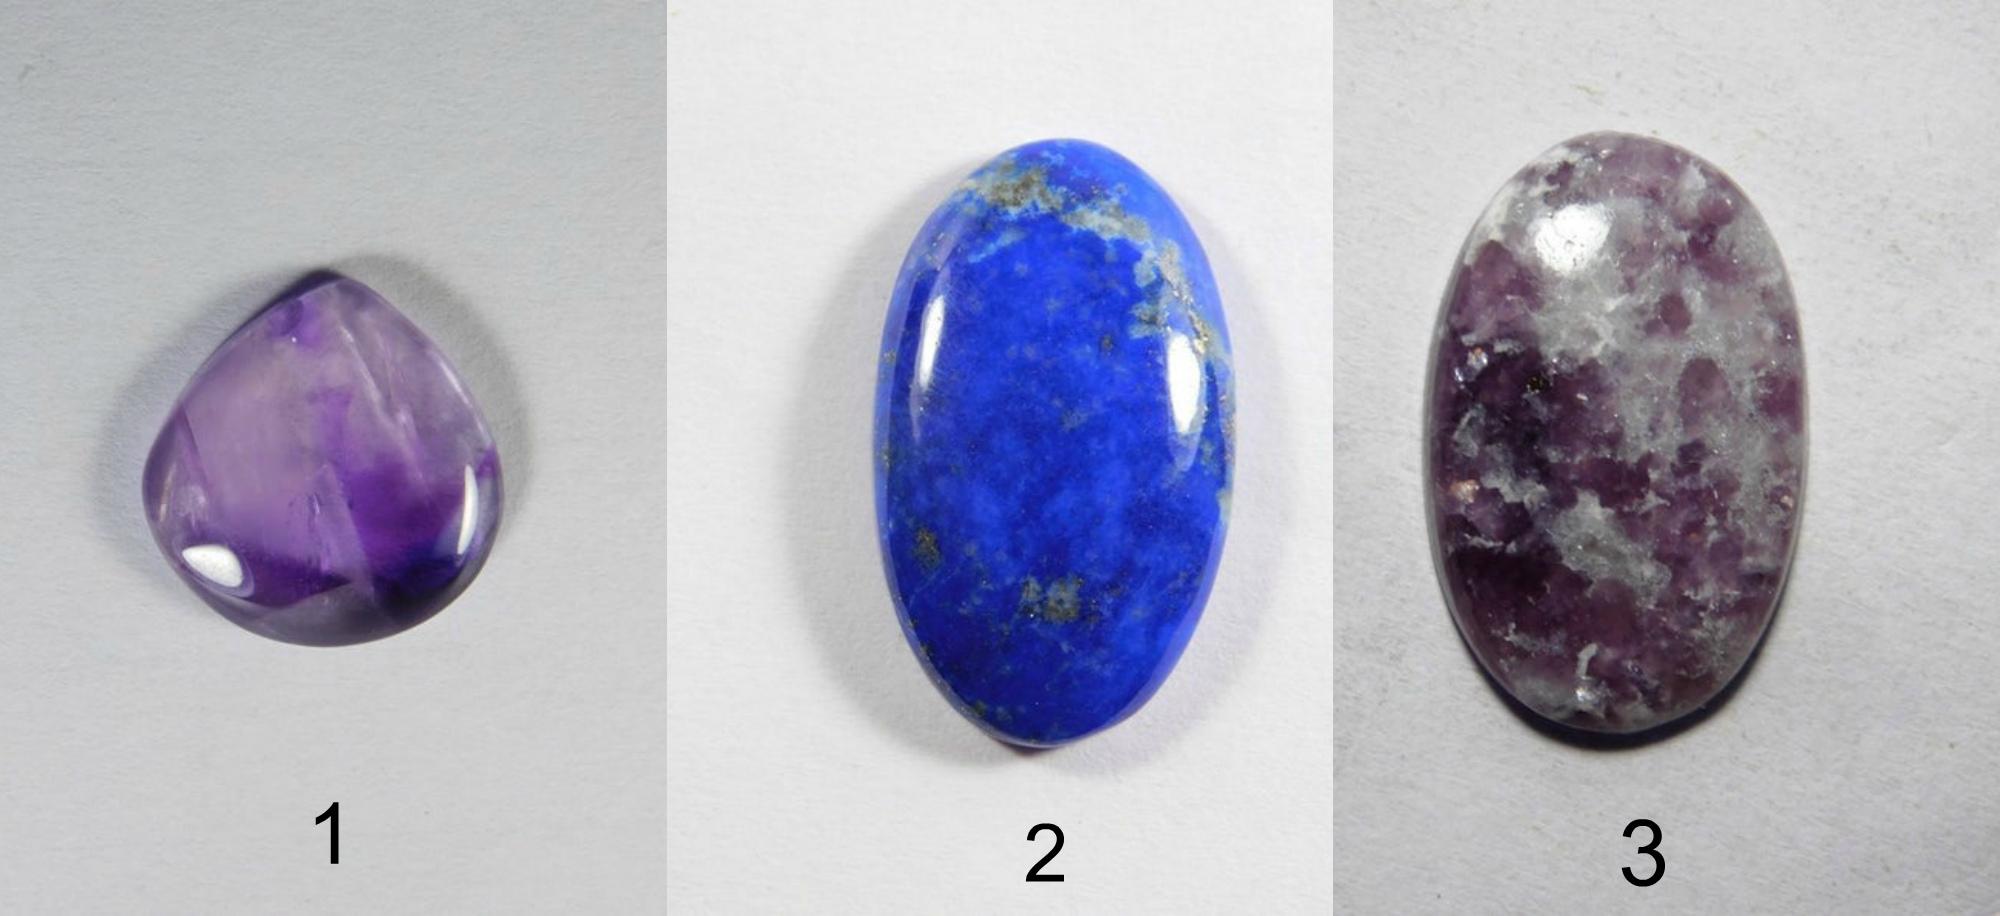 Выберите камень, который понравился вам больше других